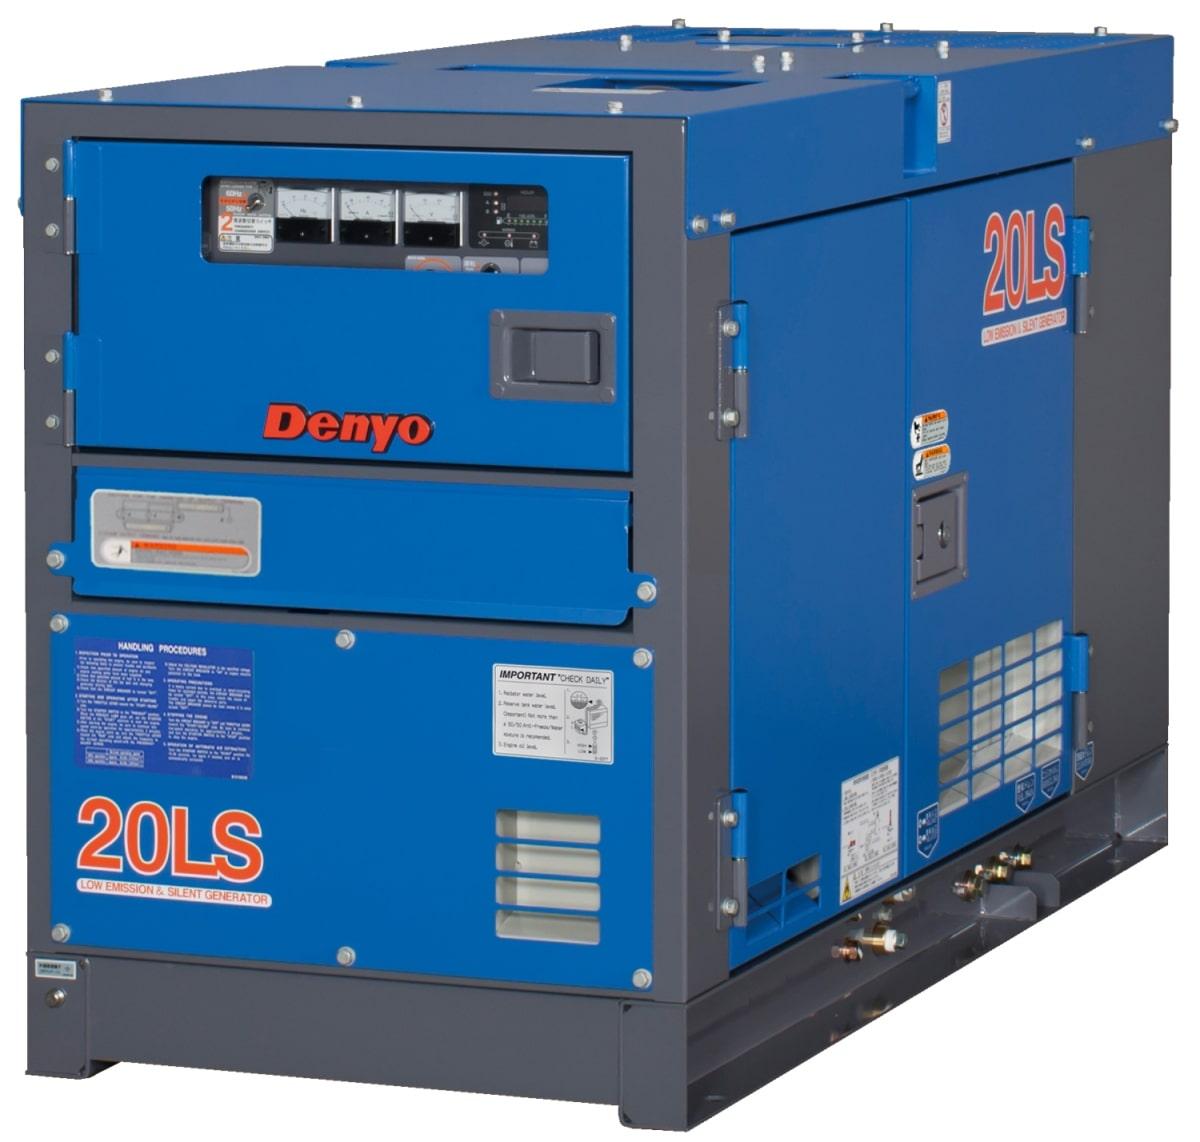 дизельная электростанция denyo dca-20lsk